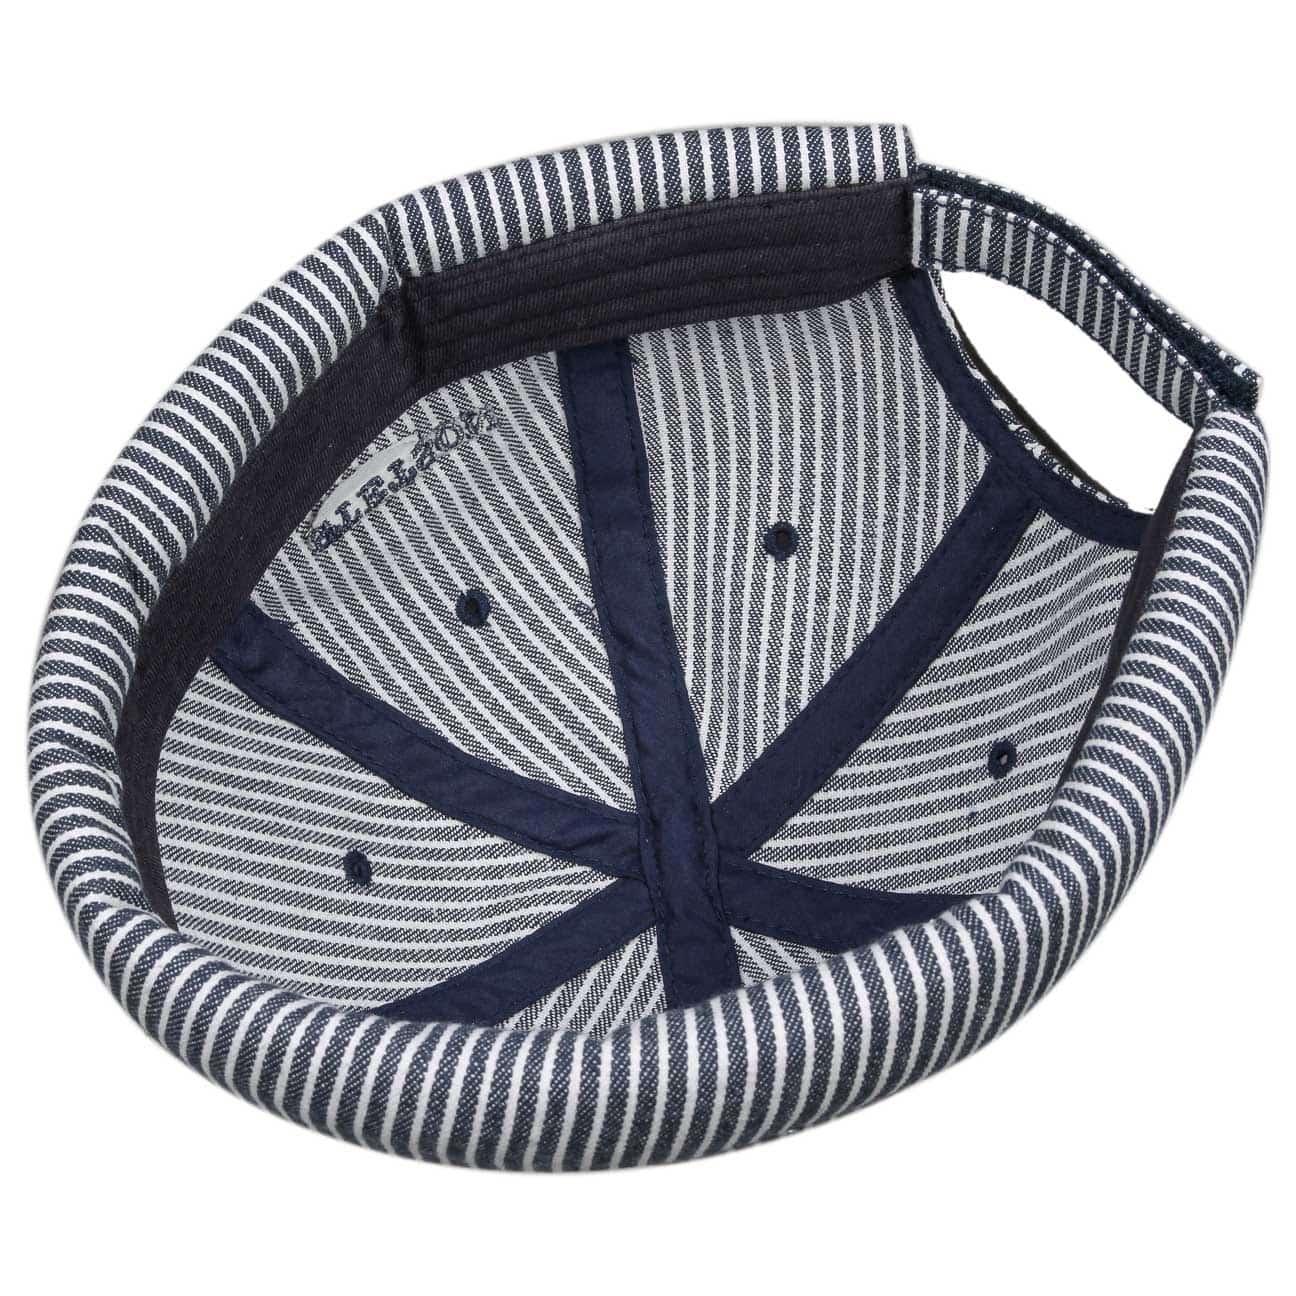 ... Ocala Hickory Docker Hat by Stetson - blue 3 ... de17a39ae3e